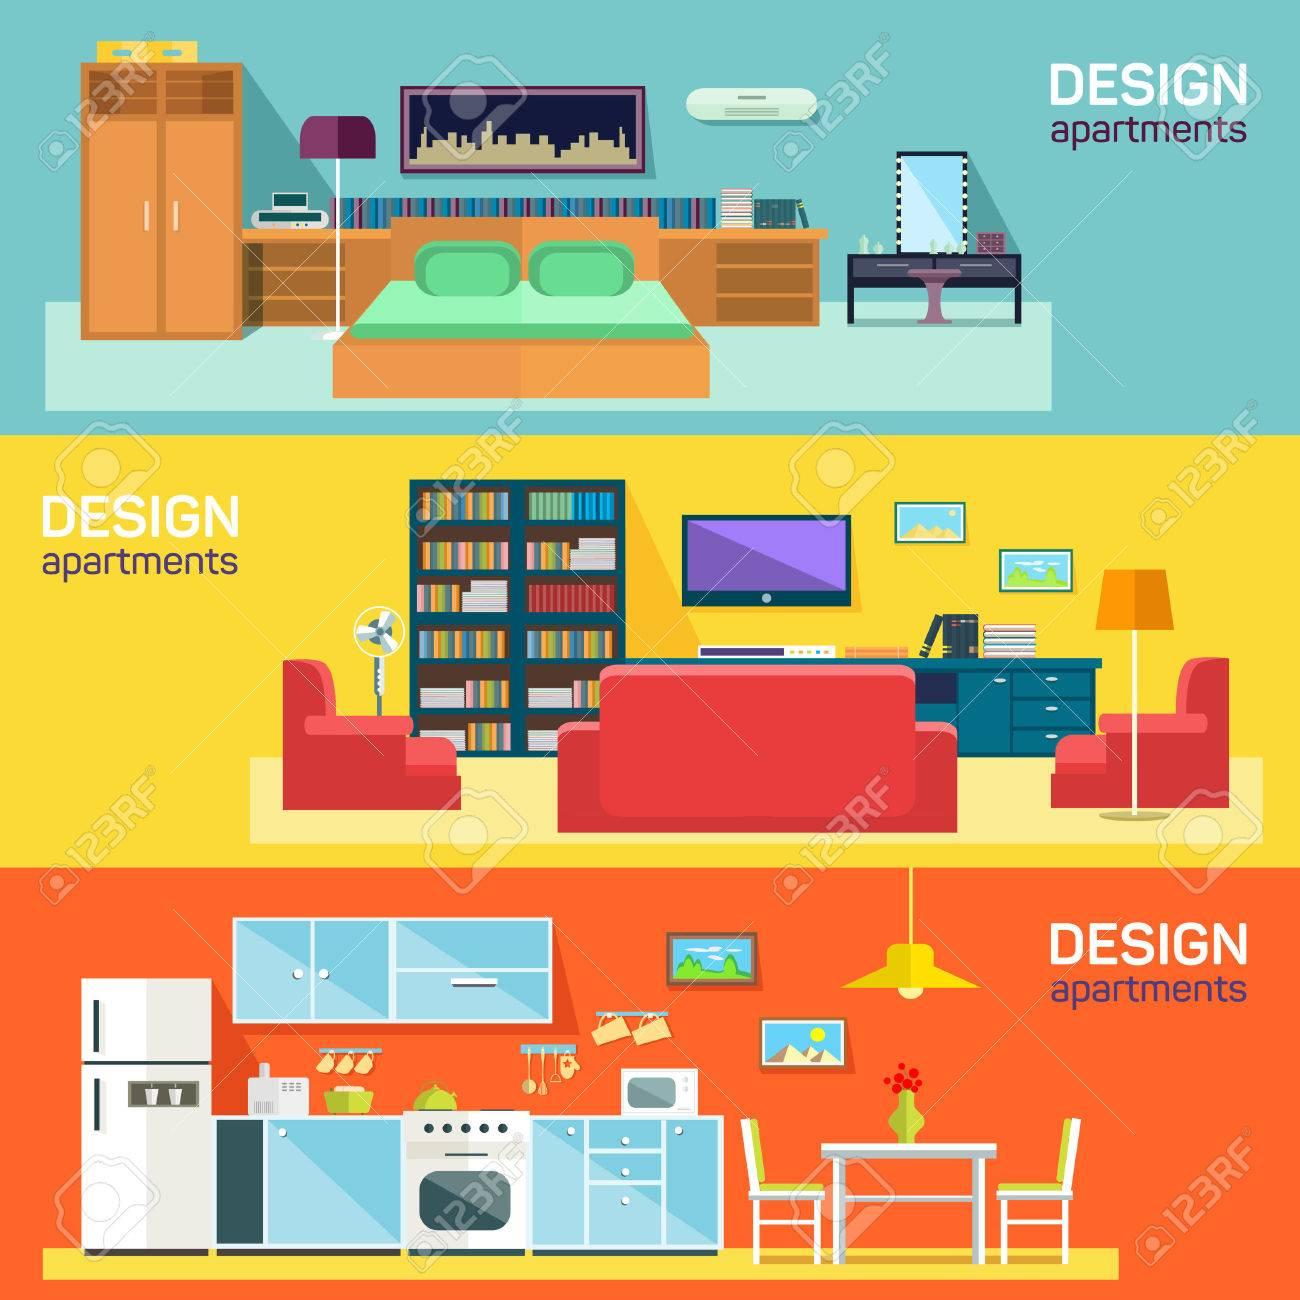 Standard Bild   Startseite Interior Design Für Küche Bett Und Wohnzimmer  Möblierung Flach Banner Gesetzt Abstrakten Isolierten Vektor Illustration